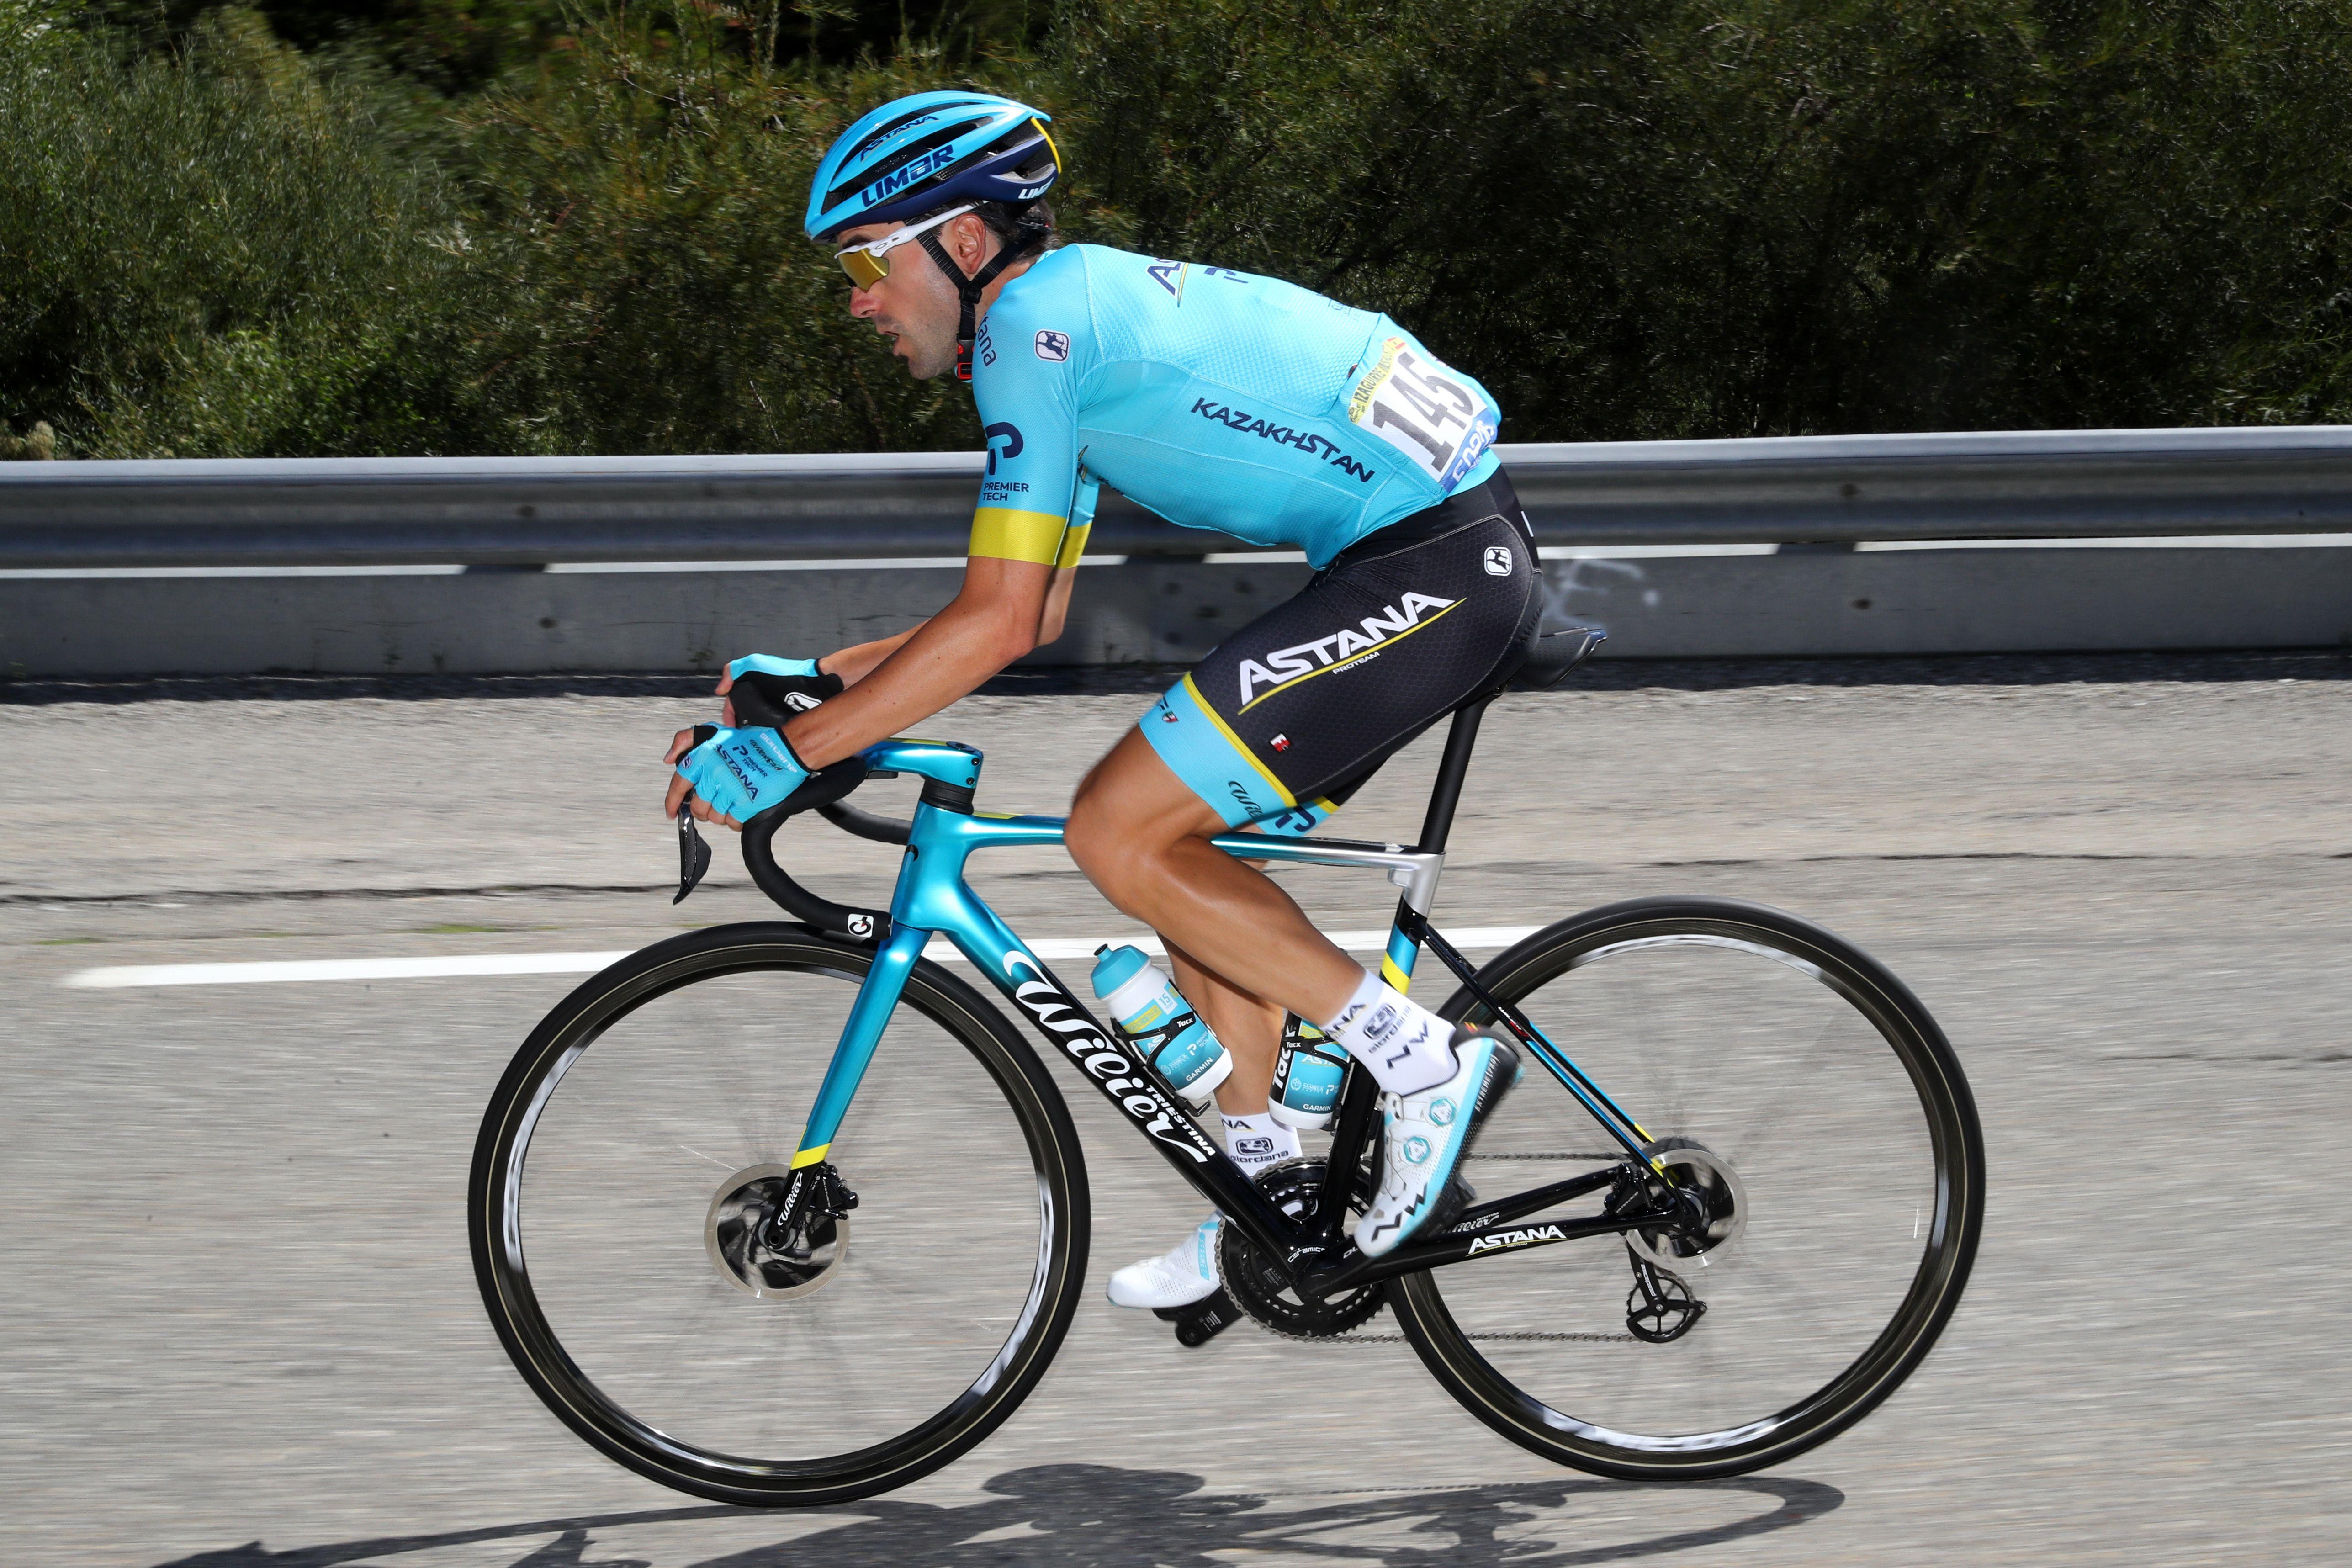 107th Tour de France 2020 - Stage 4